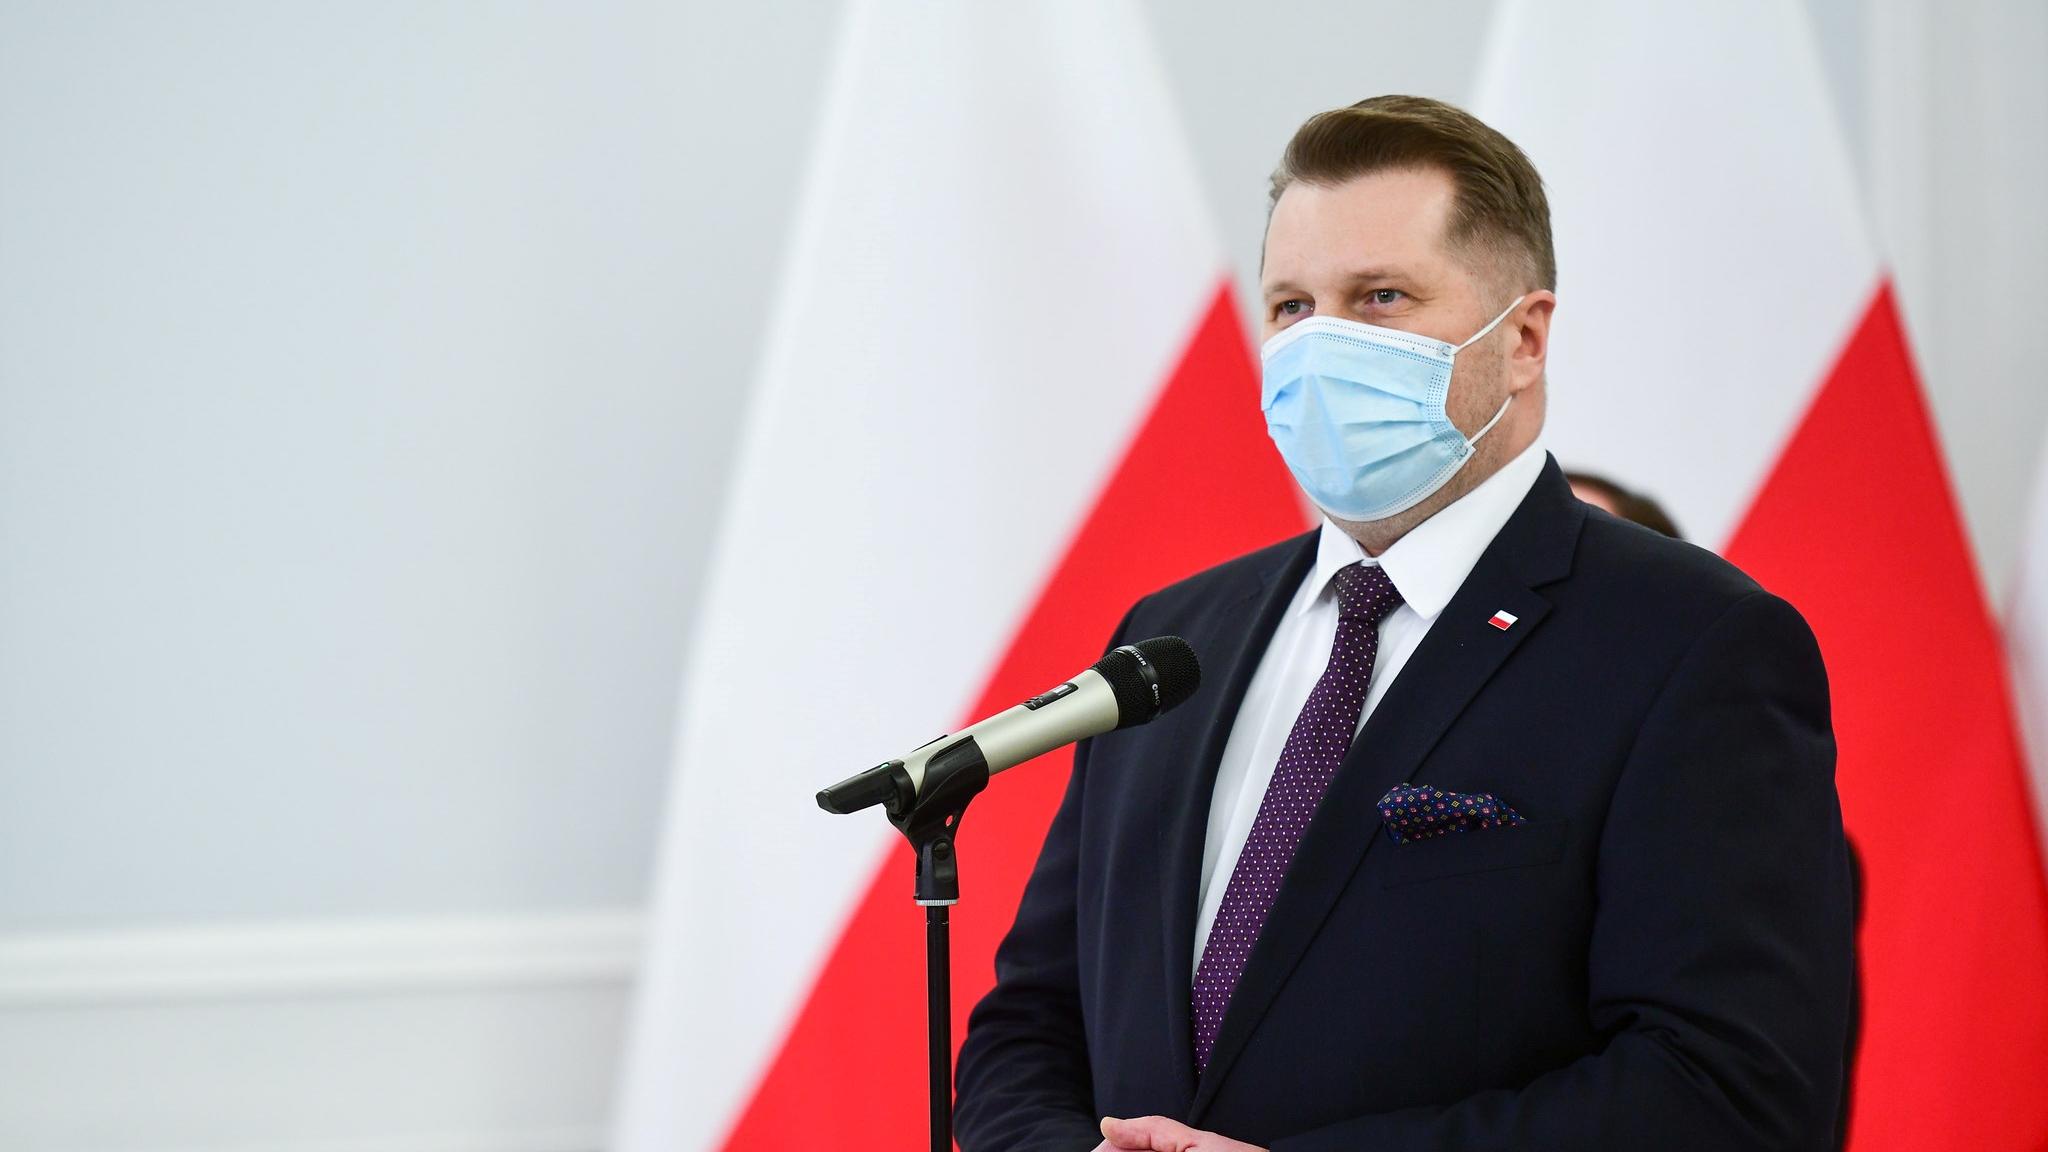 Studenci wracają na uczelnie. Minister Czarnek podał nowe wytyczne